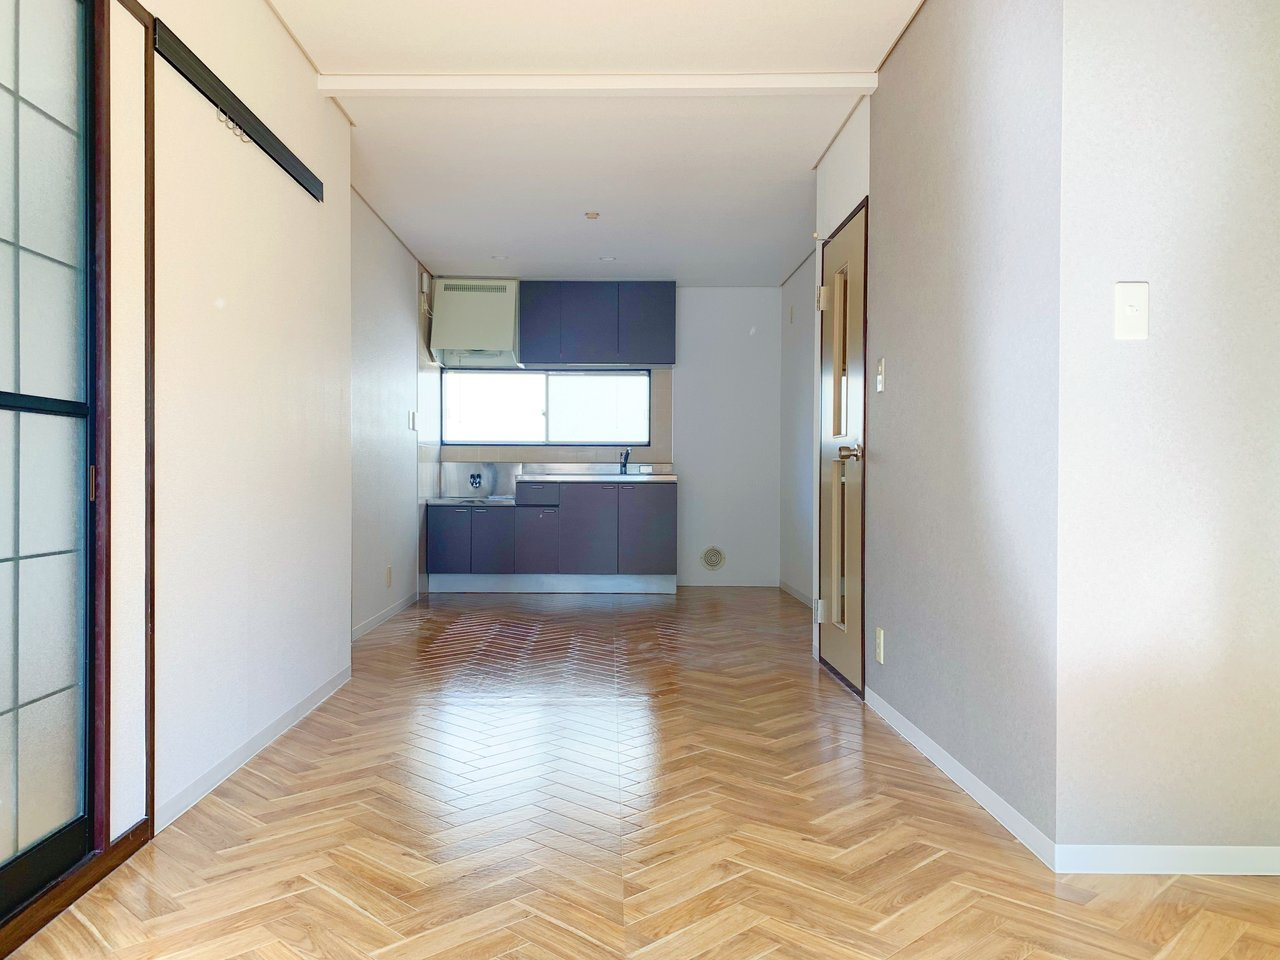 縦に長〜いお部屋なので、家具の配置をいろいろ工夫して使いこなしたいですね。